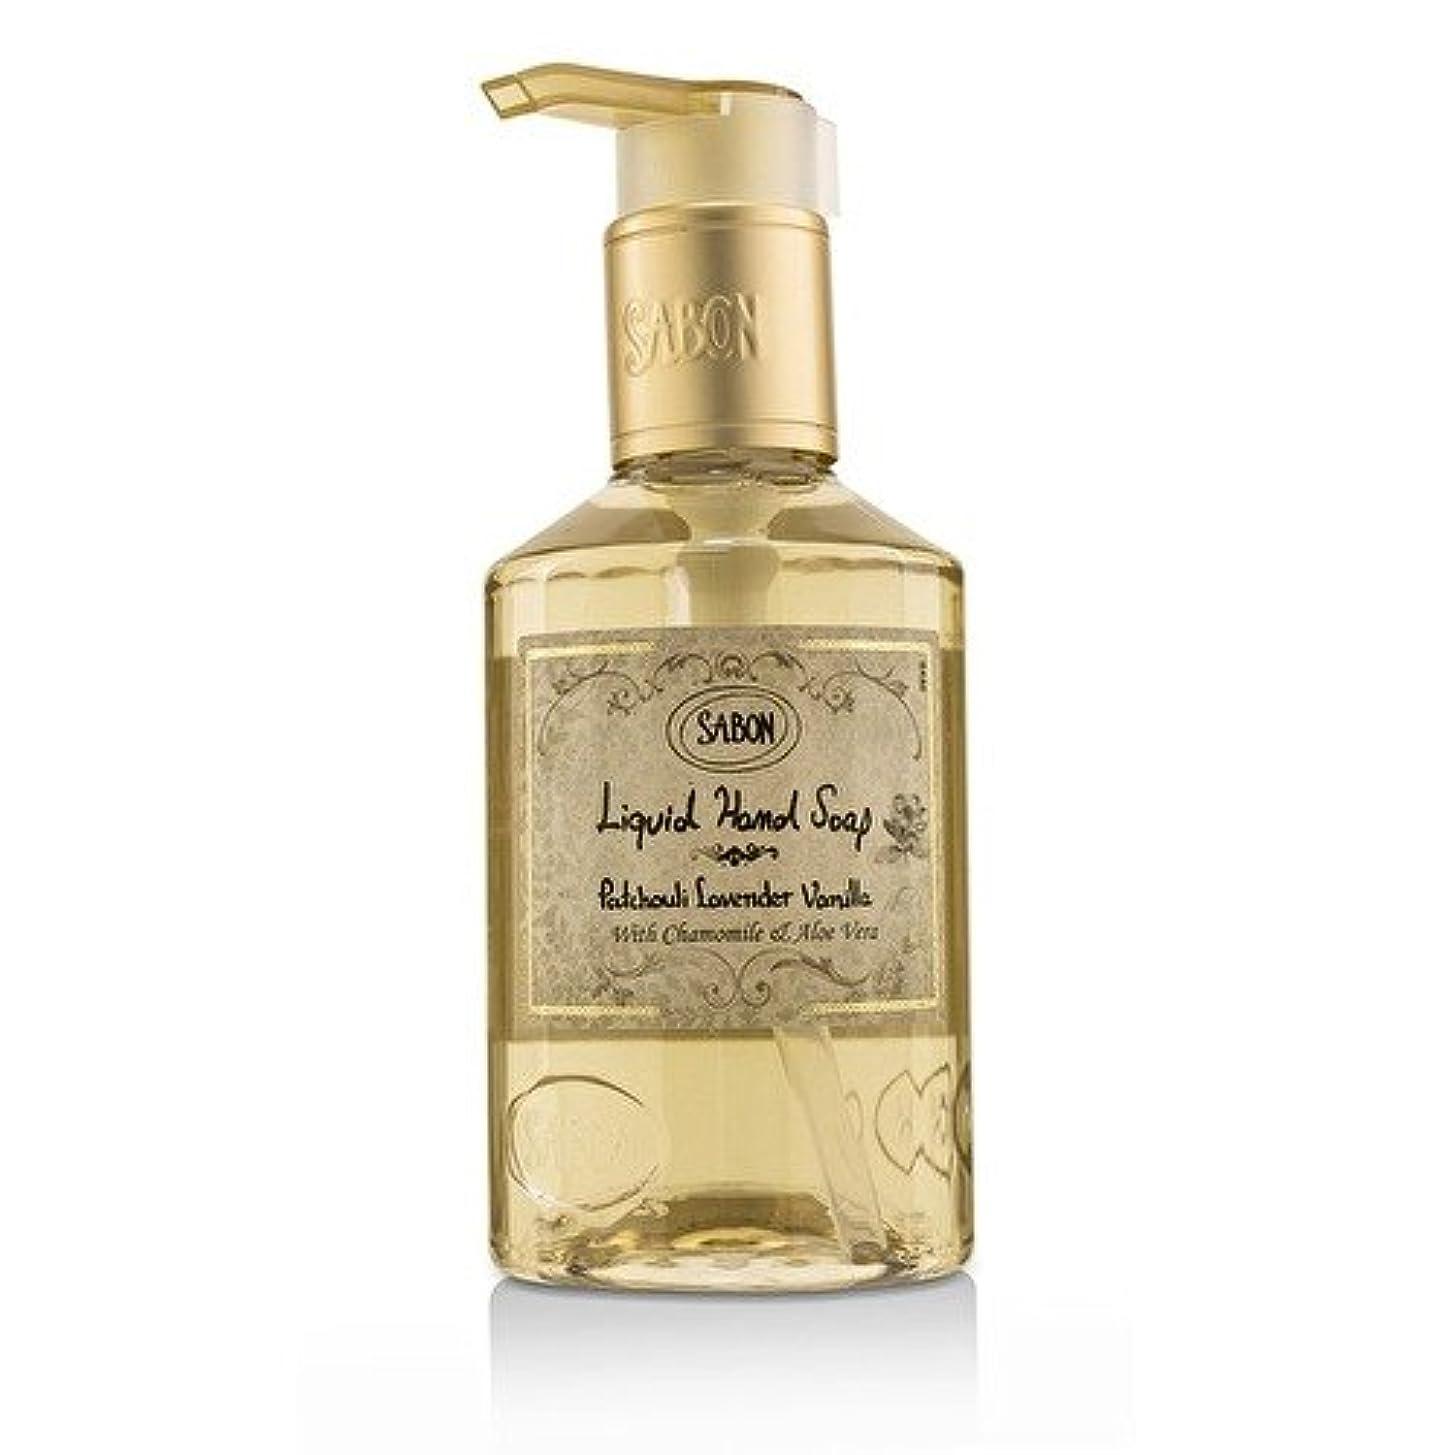 間違っている恒久的貢献サボン Liquid Hand Soap - Patchouli Lavender Vanilla 200ml/7oz並行輸入品